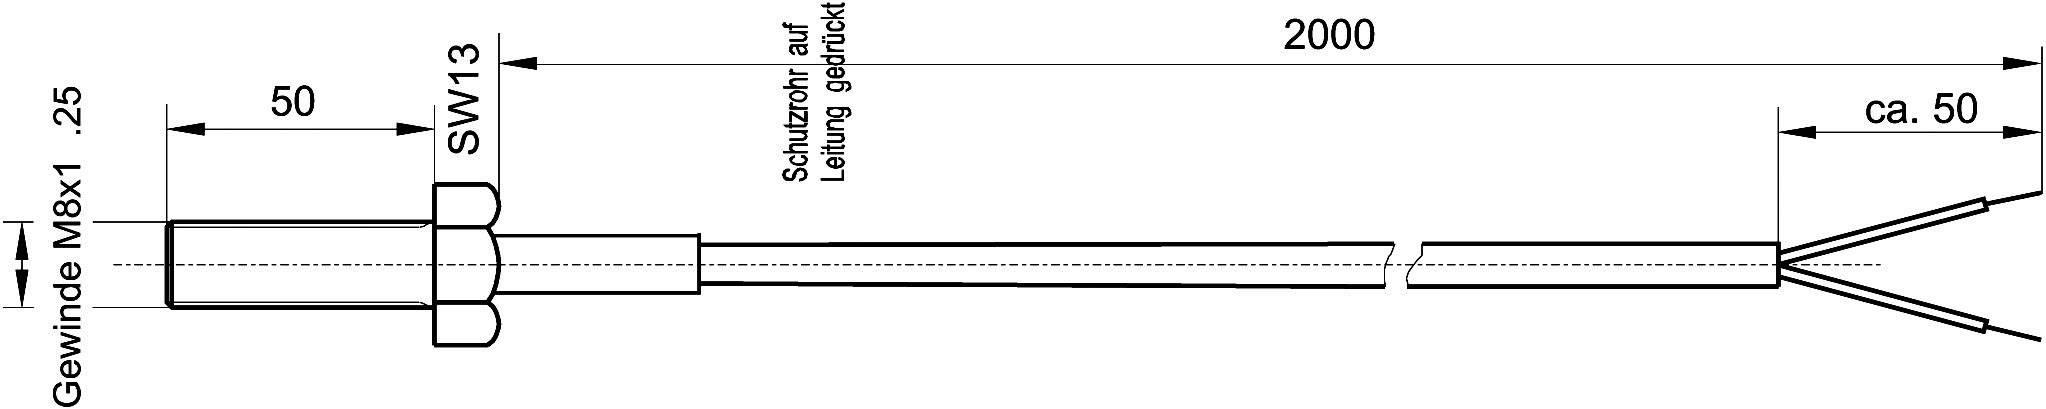 Termočlánek Enda K4-TC-J, -50 až 400 °C, délka kabelu 2 m, šířka čidla 7,97 mm